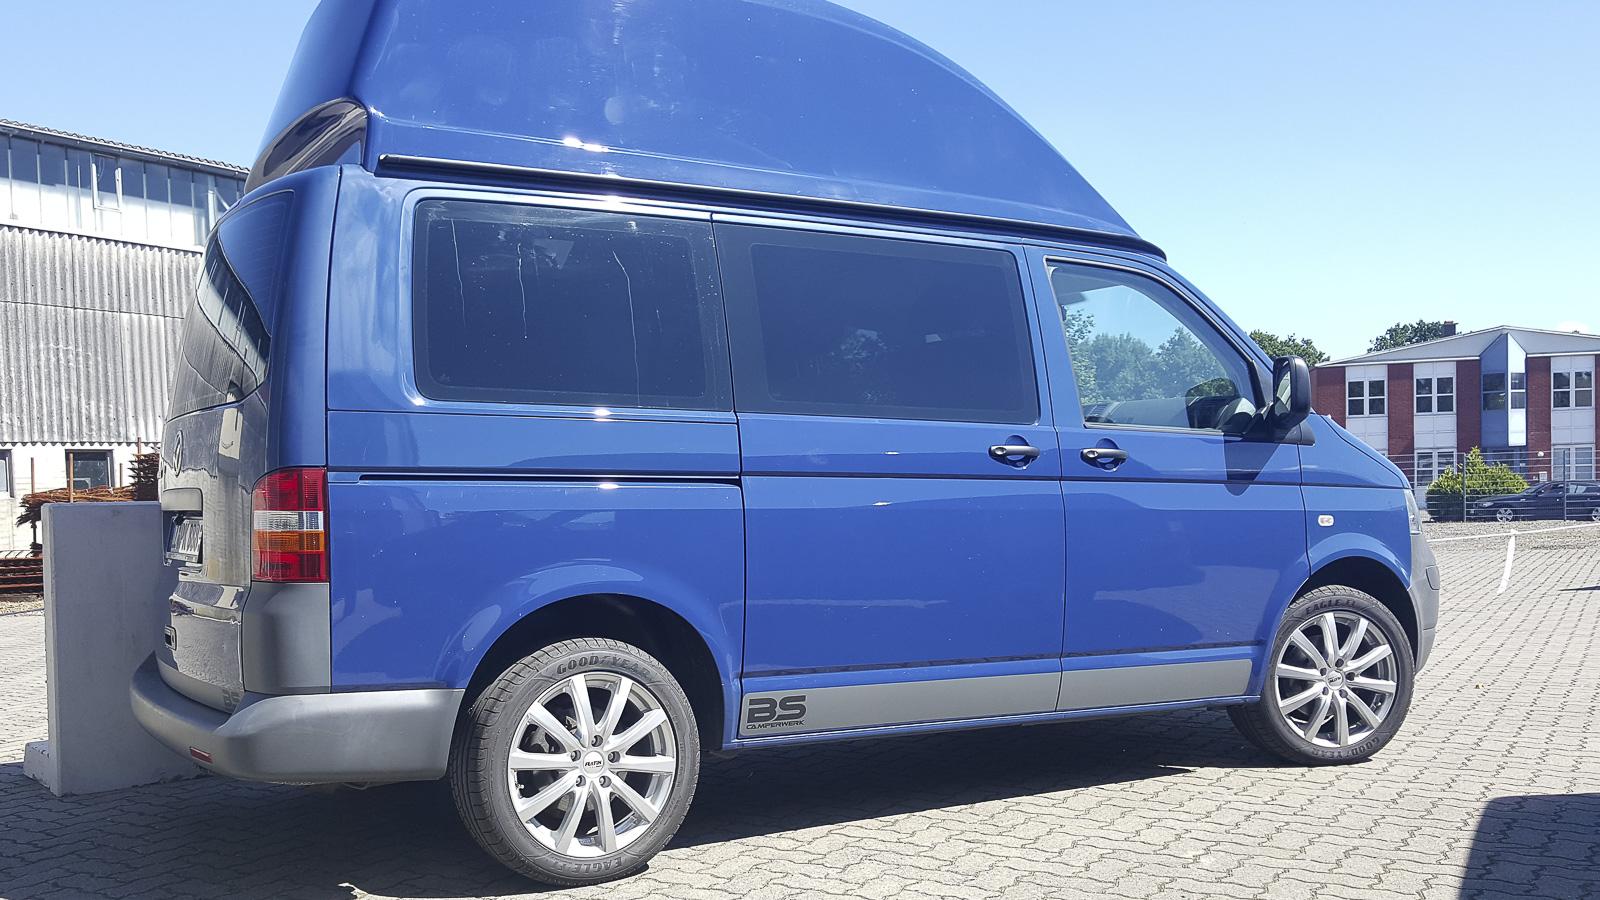 VW T5 Offroad Premium mit Hochdach – BS Camperwerk